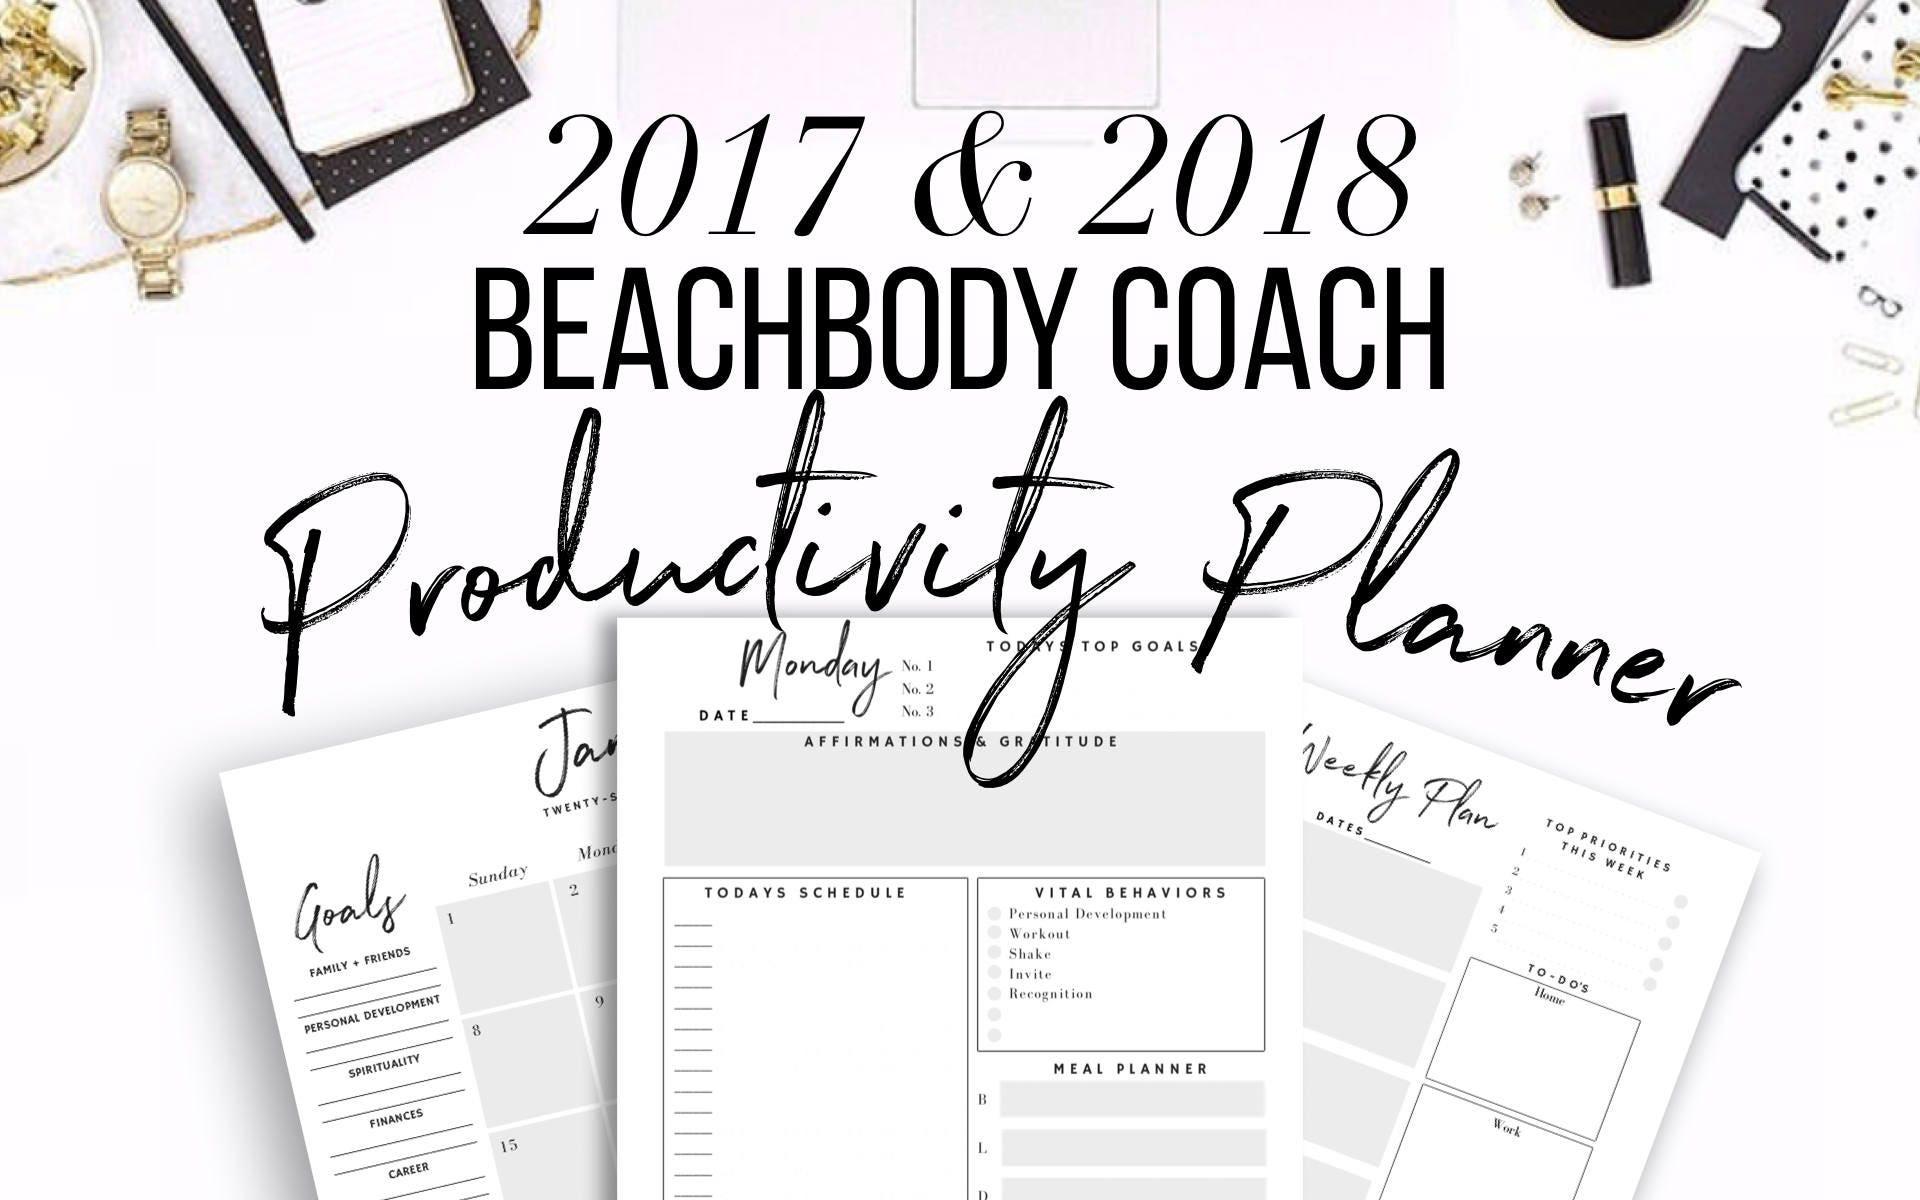 30 off 2017 2018 beachbody coach business planner